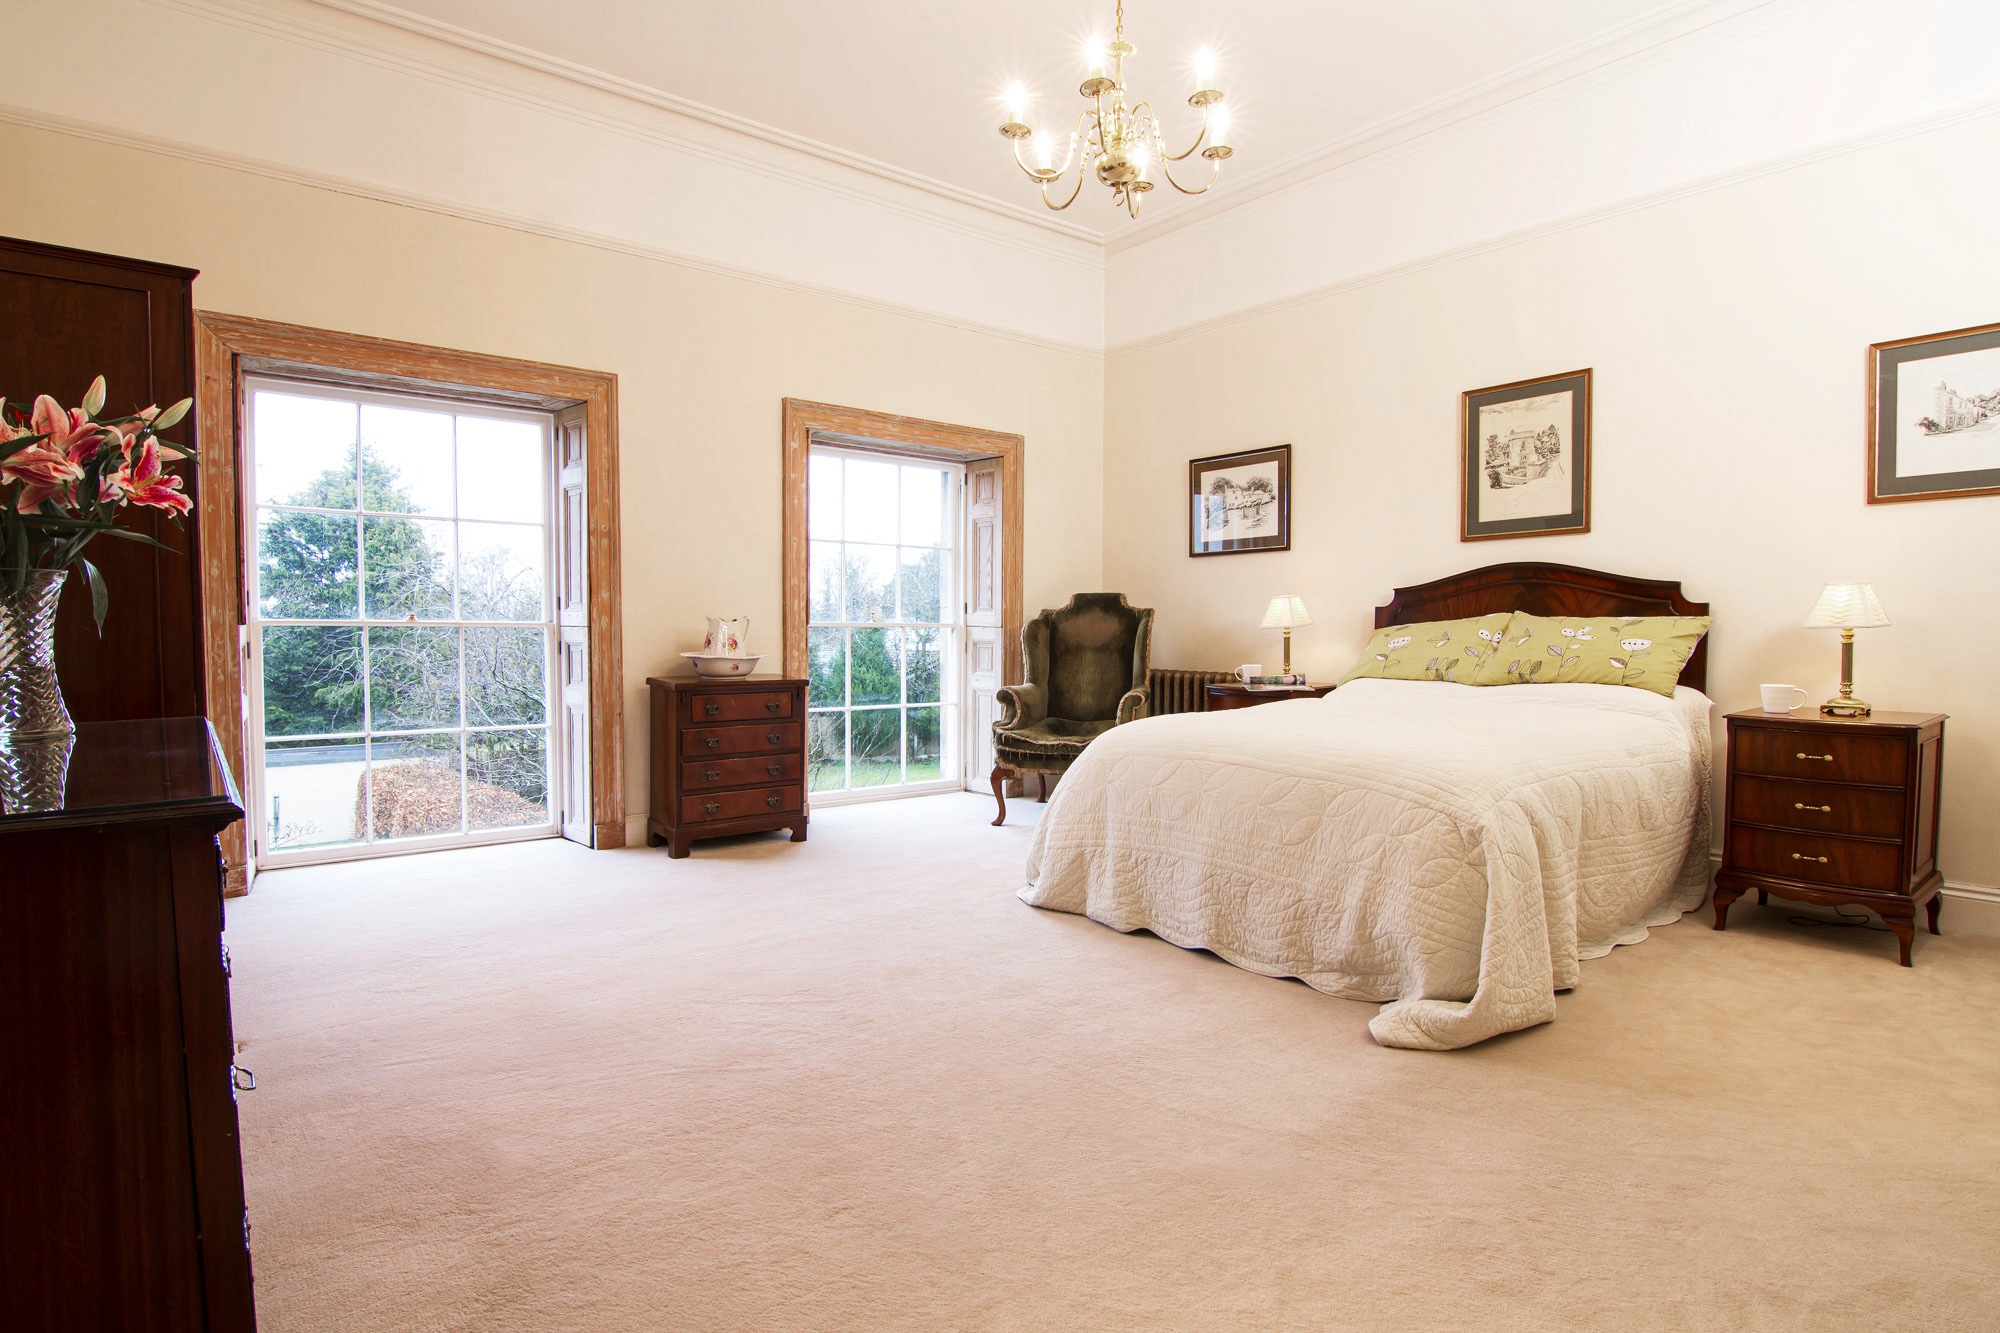 estate agent photography lancashire